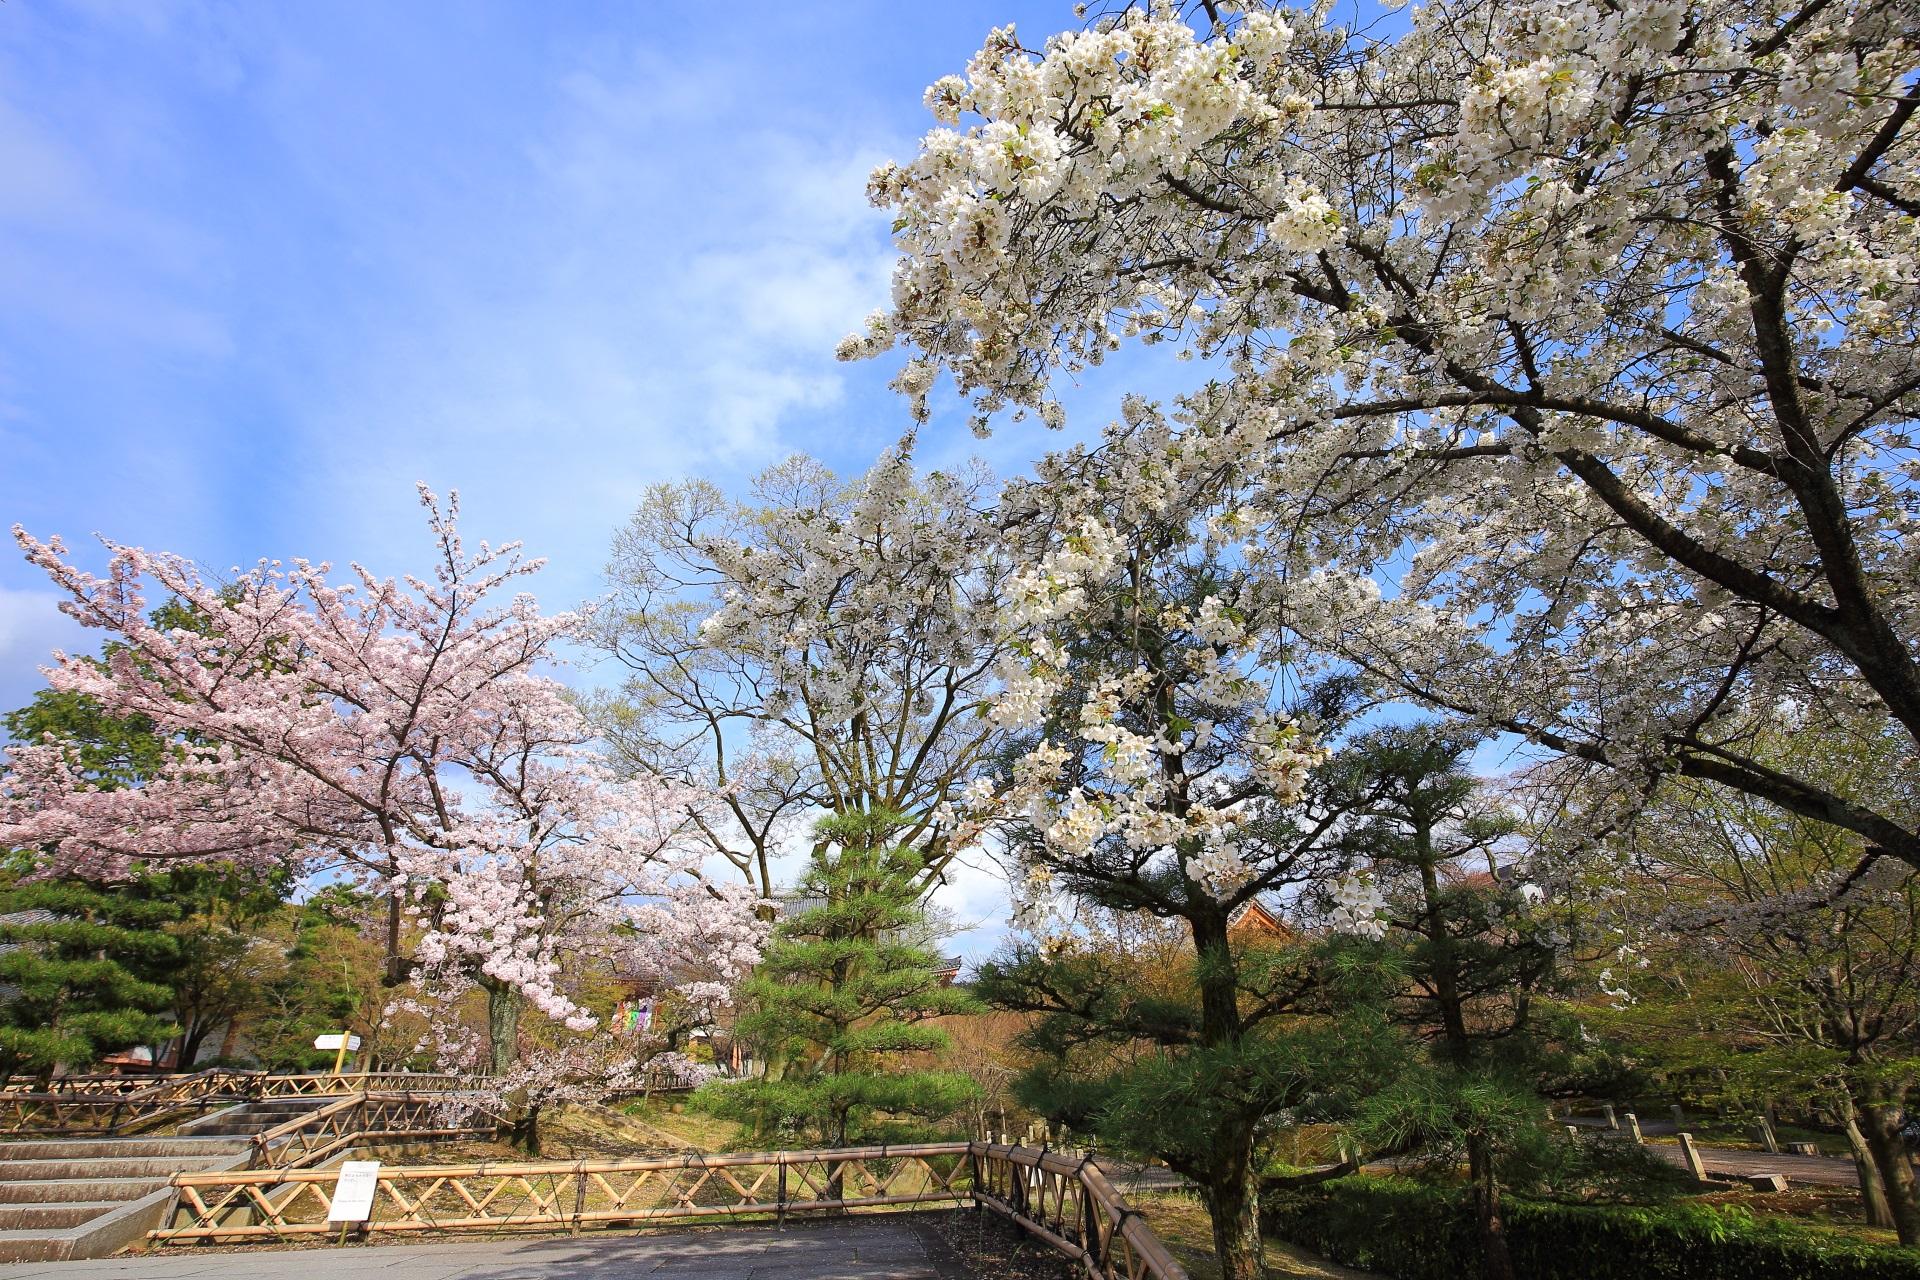 冠木門を少し過ぎたあたりの華やかな桜